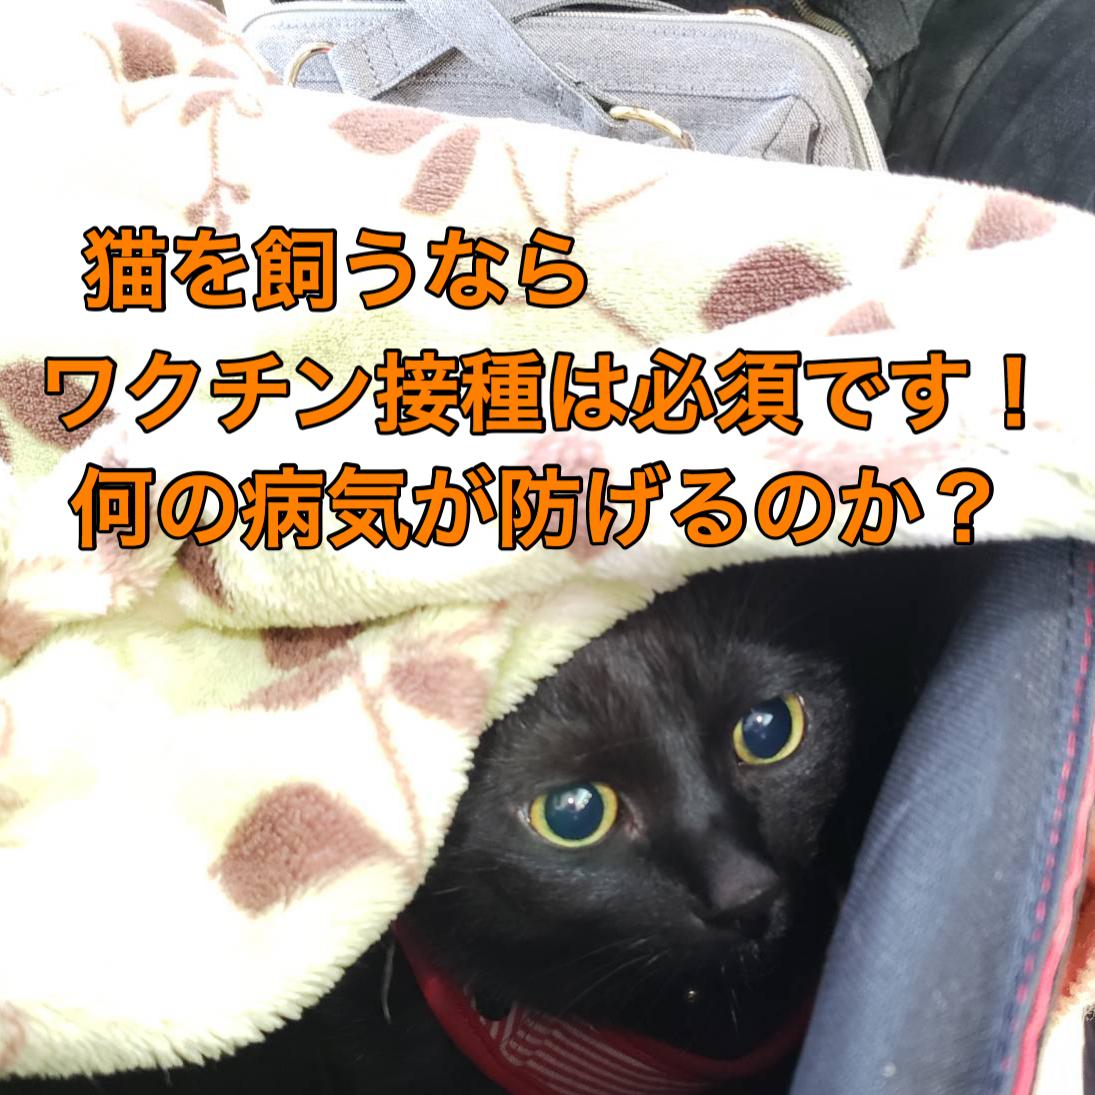 猫を飼うならワクチン接種は必須です!何の病気が防げるのか?